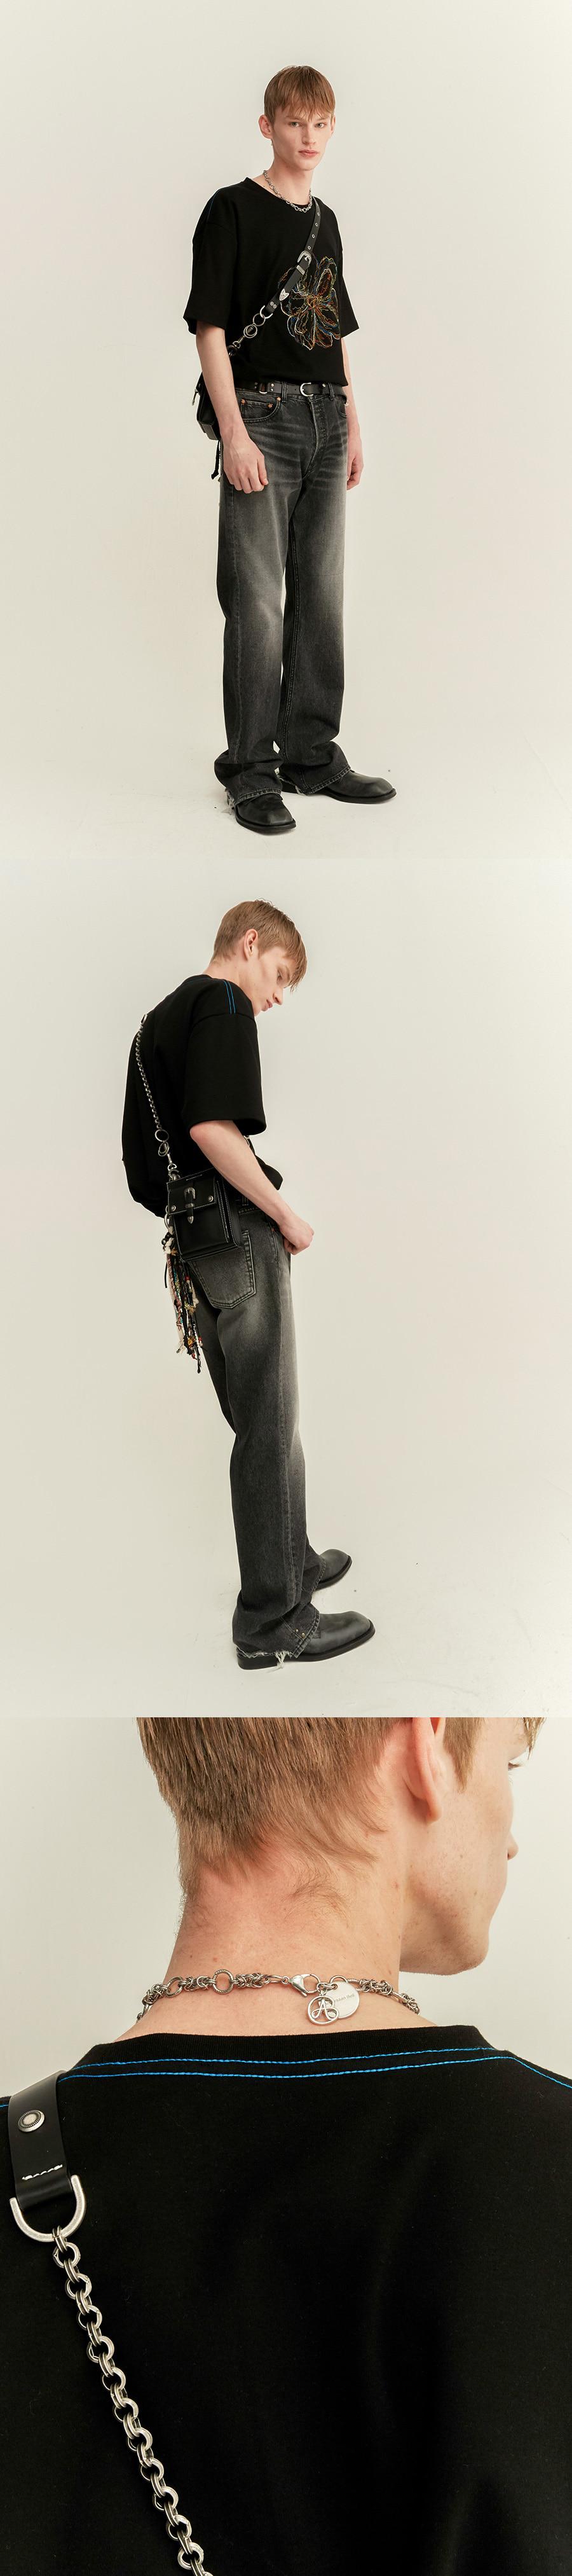 앤더슨벨(ANDERSSON BELL) 유니섹스 썸머 플레르 엠보더리 티셔츠 atb506u(WHITE)